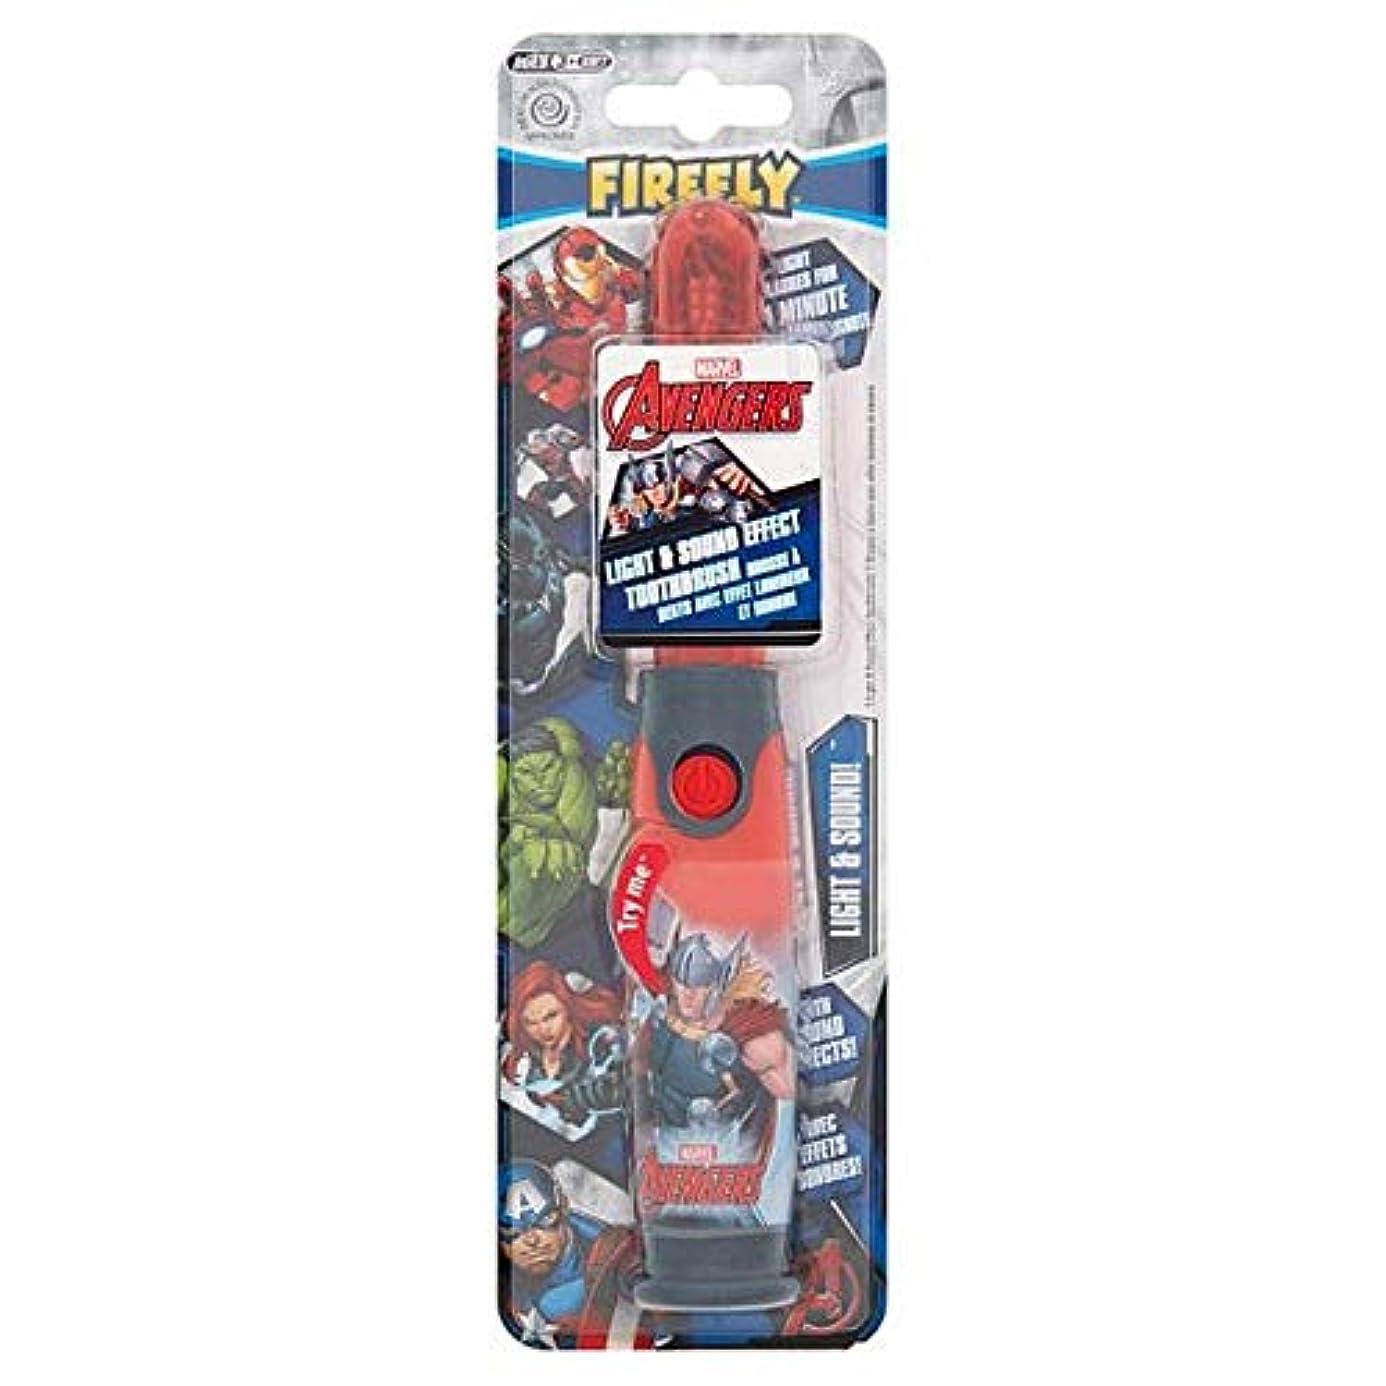 偽善者刑務所どのくらいの頻度で[Firefly ] アベンジャーズホタルの光と音の歯ブラシ - Avengers Firefly Light And Sound Toothbrush [並行輸入品]